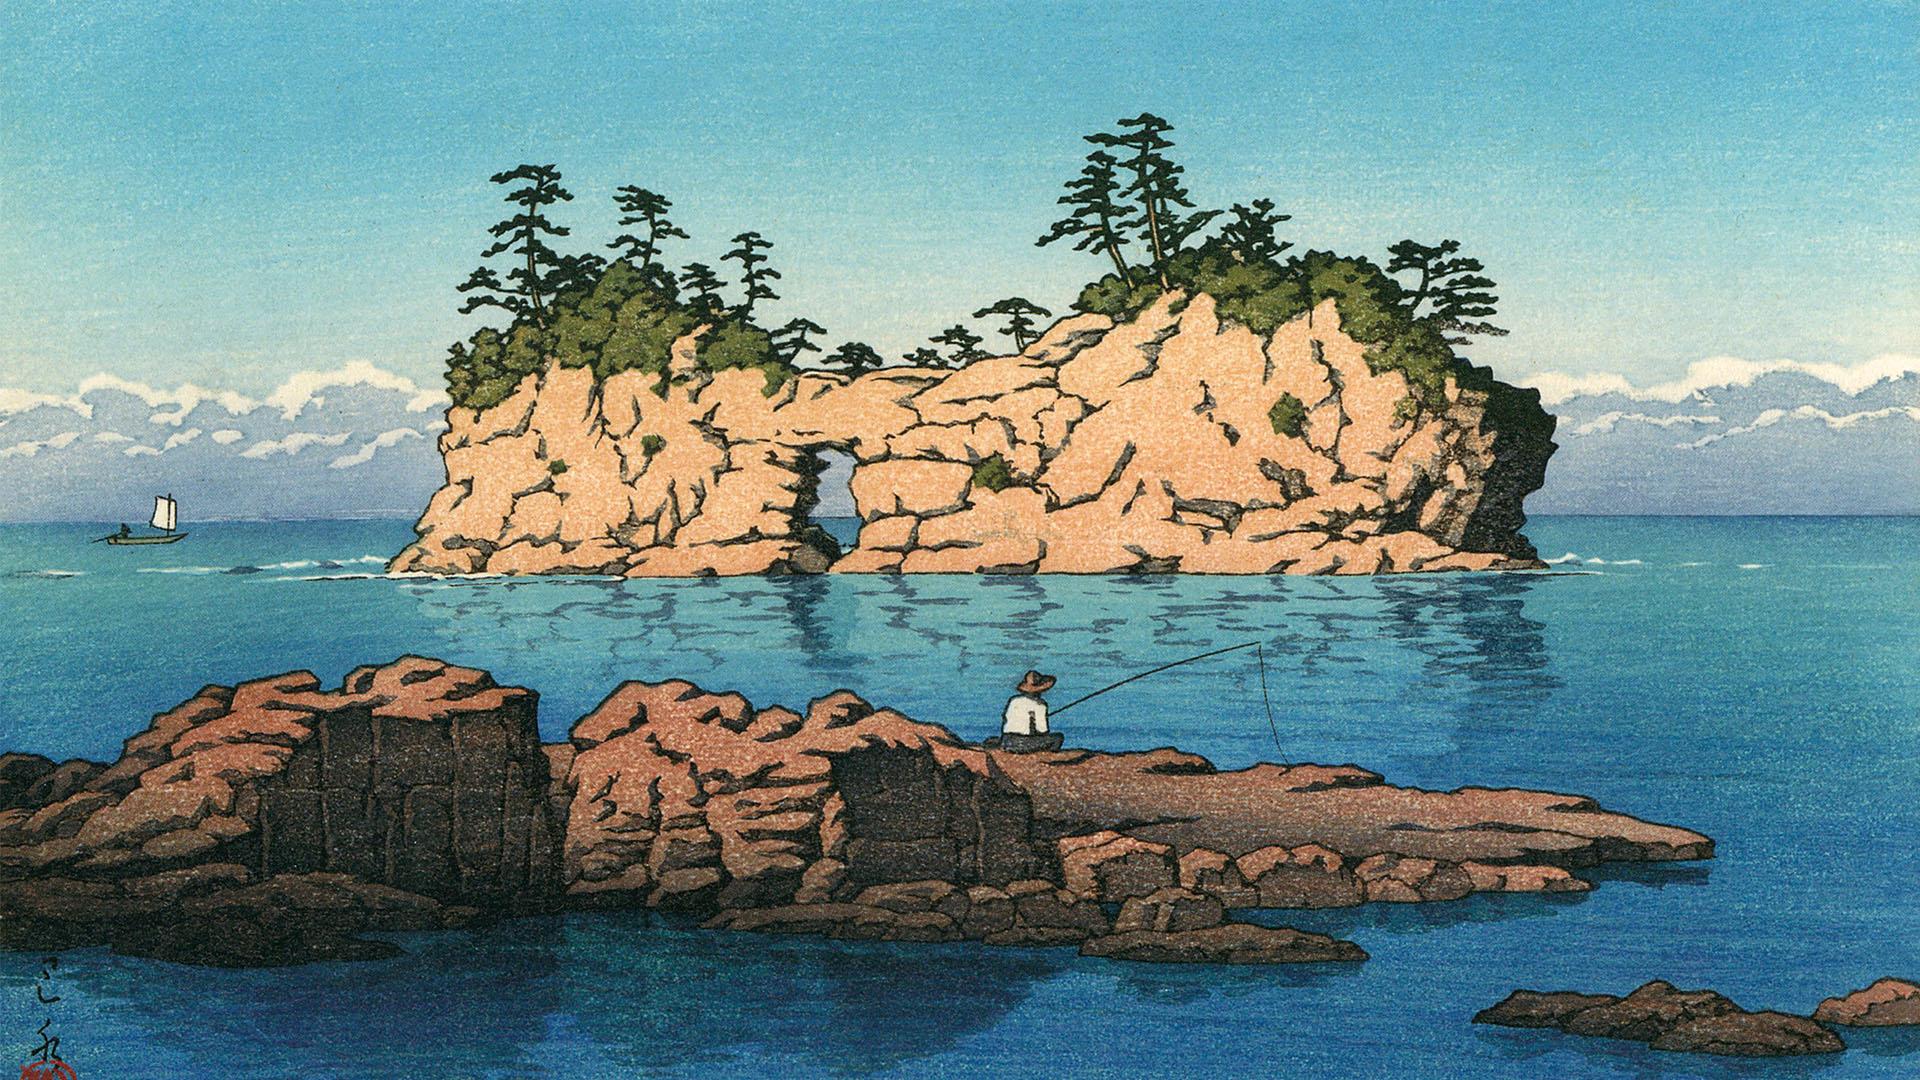 Kawase Hasui - Shirahama engetsu tou 1920x1080